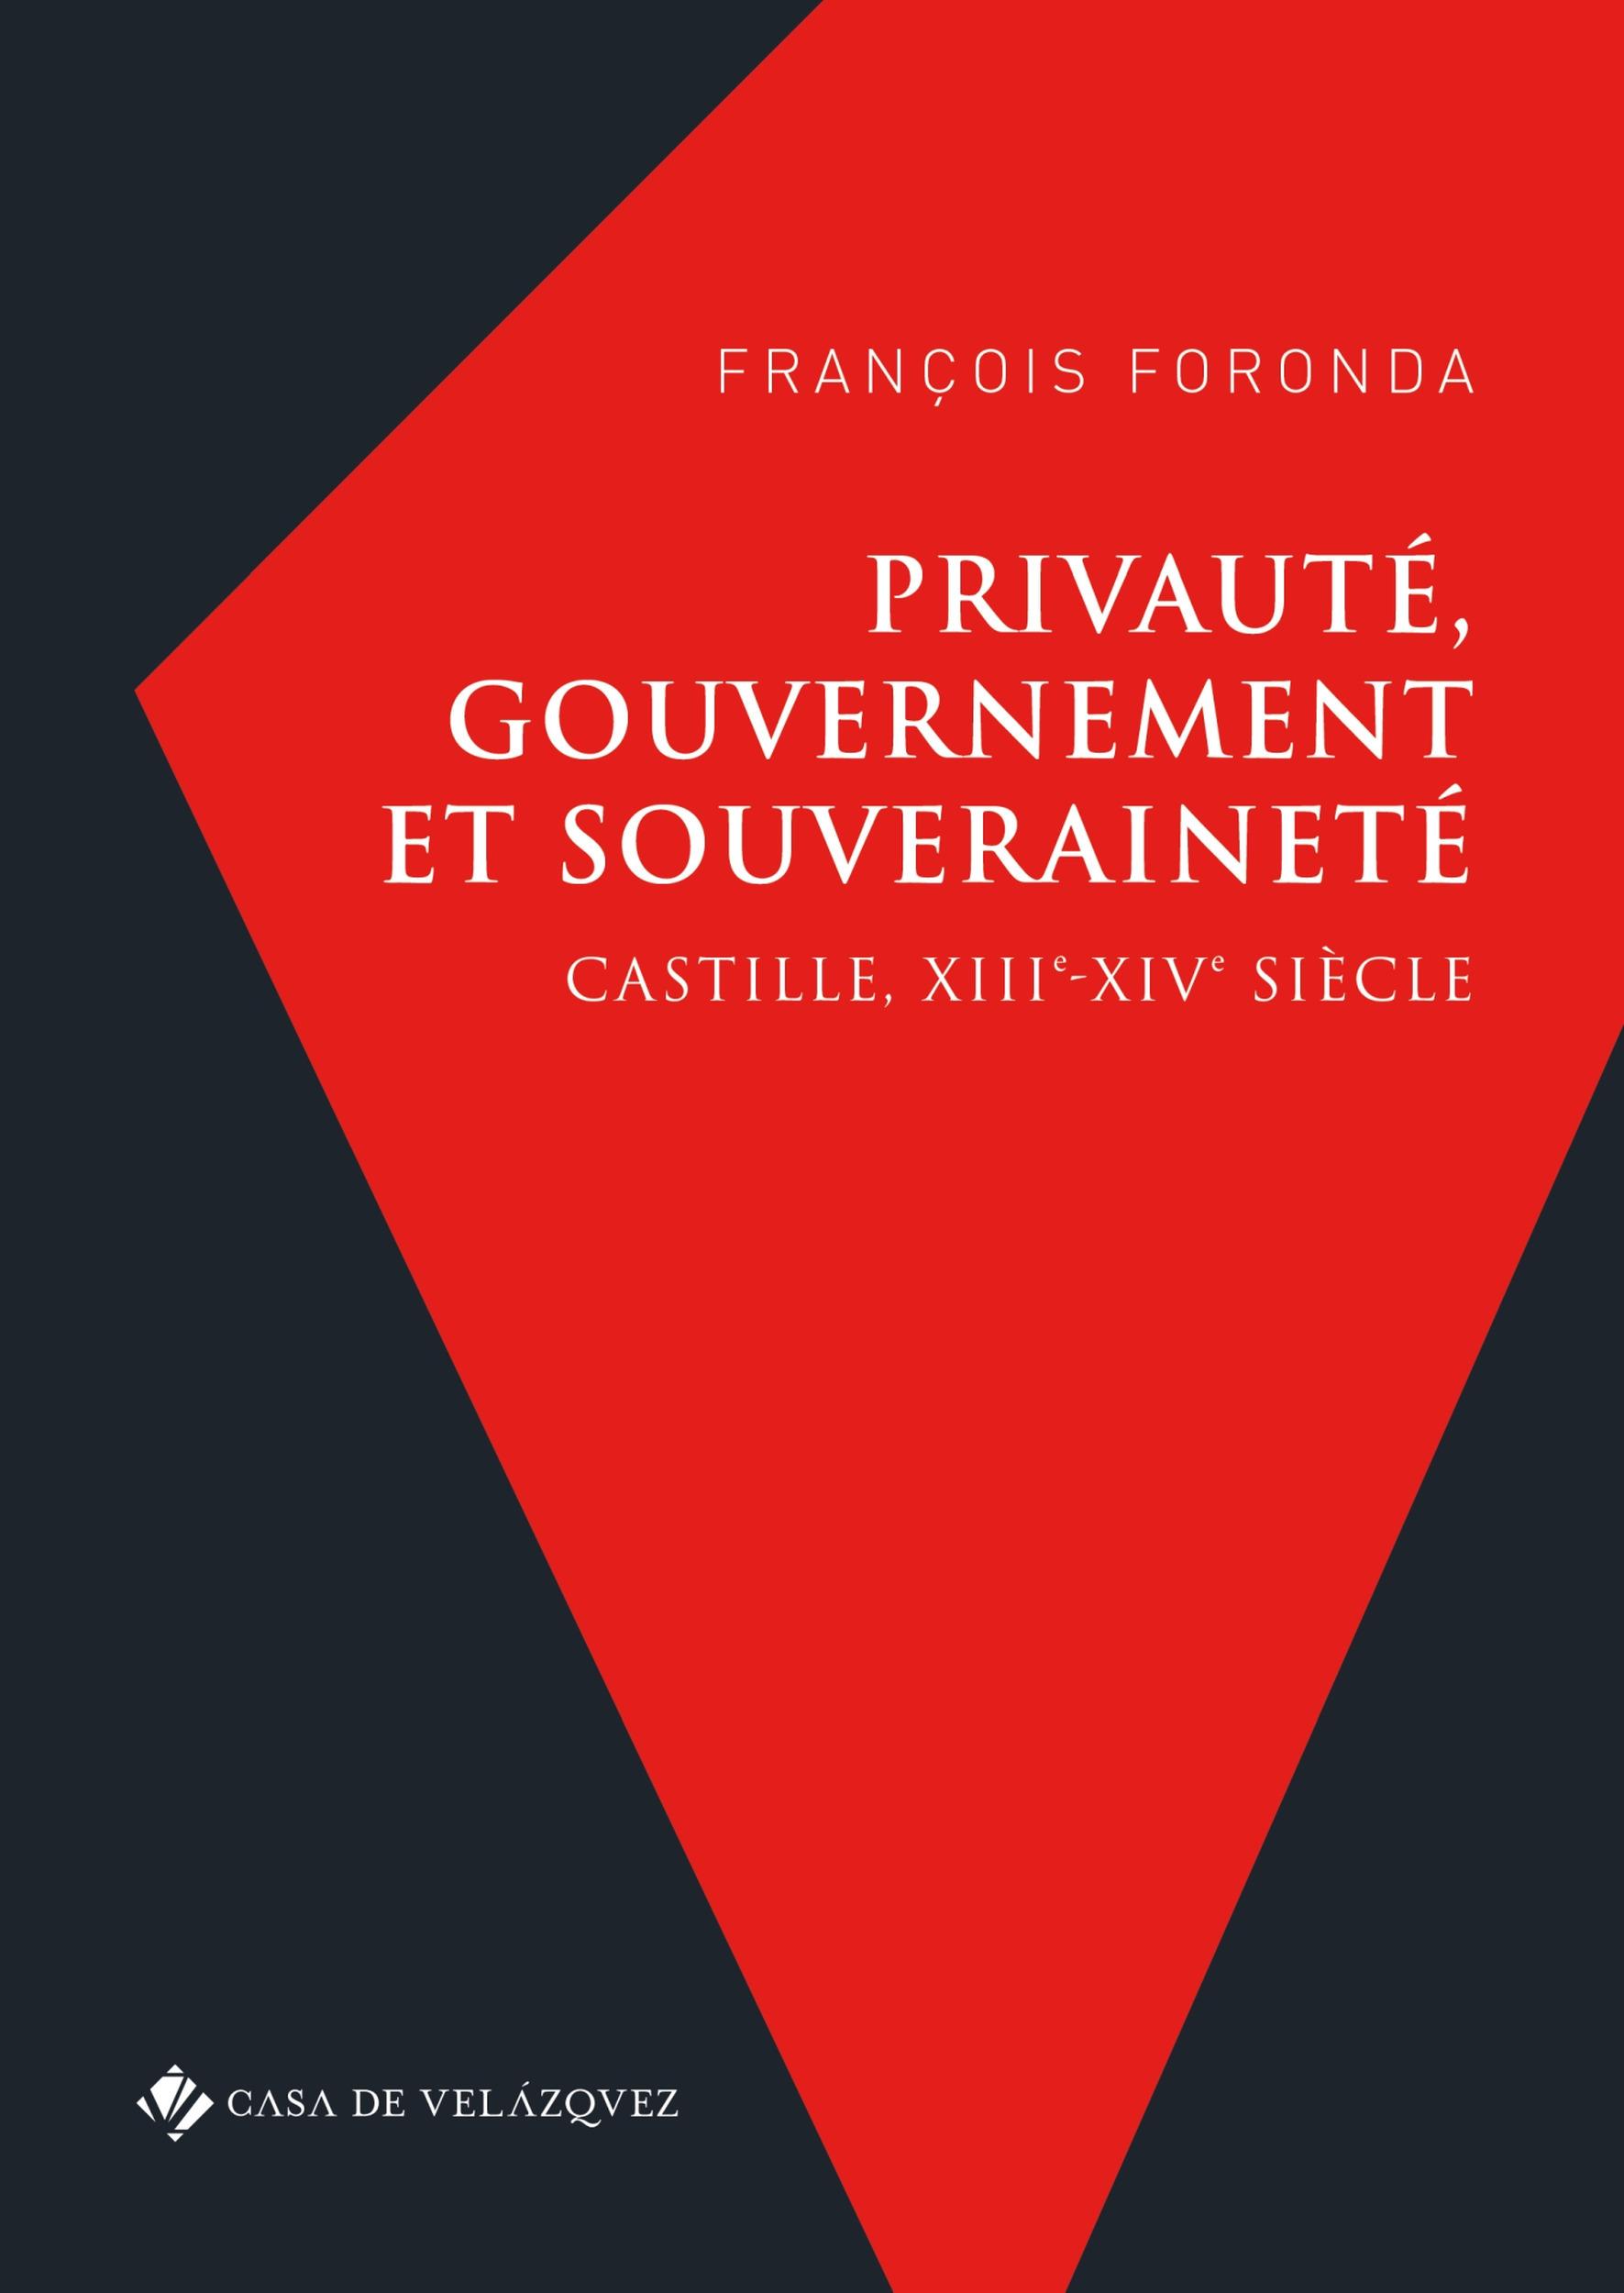 Privauté, gouvernement et souveraineté  - François Foronda